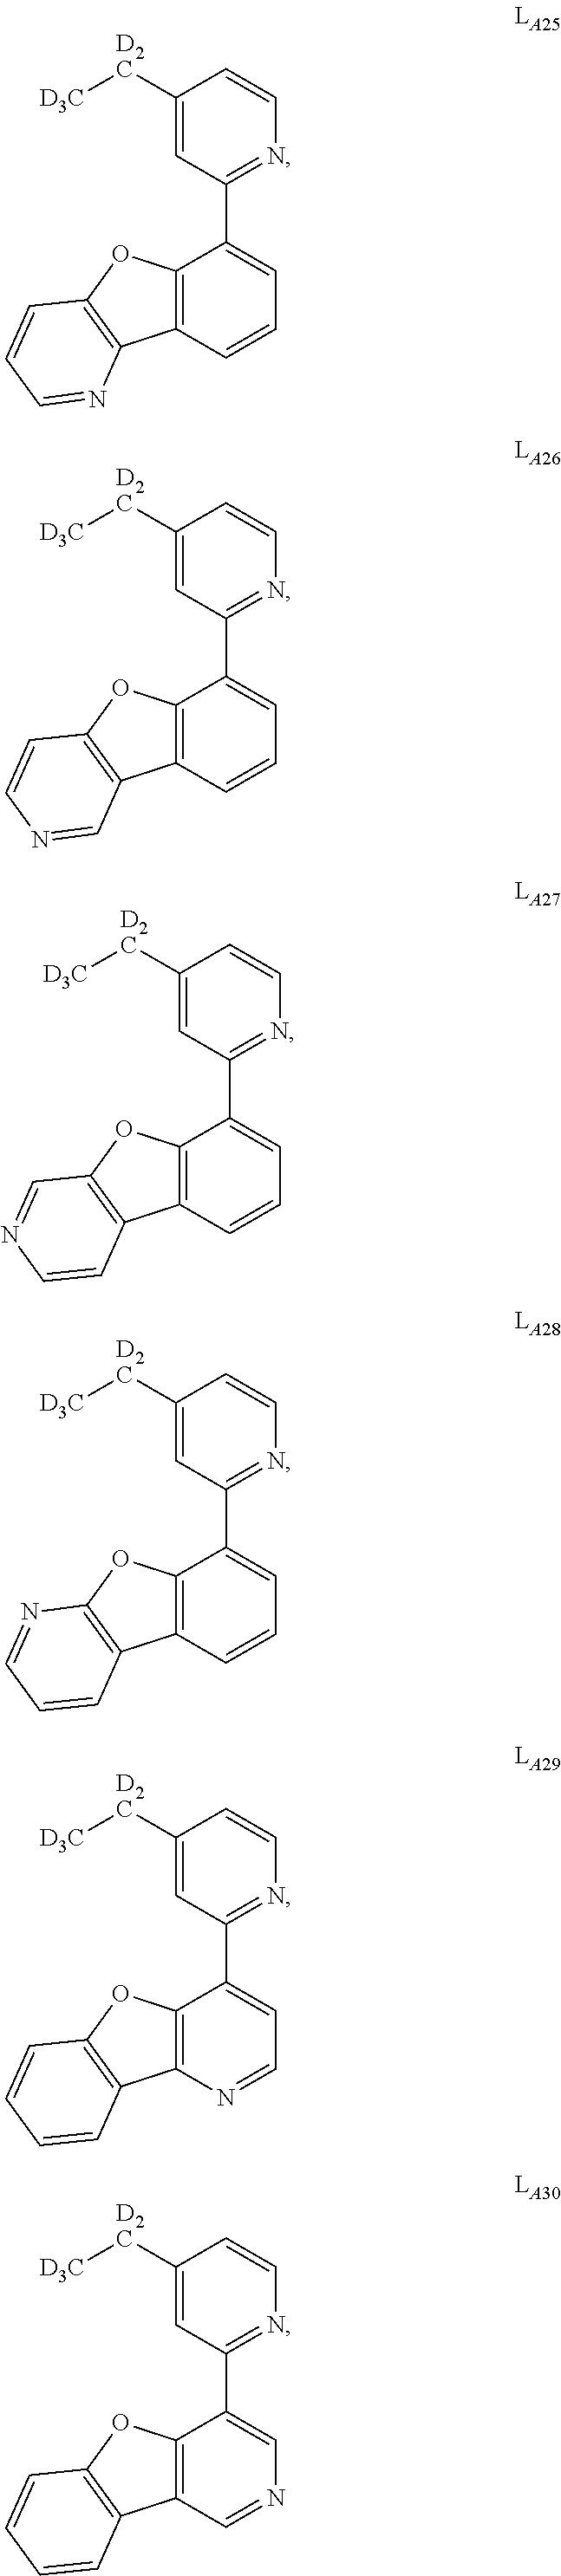 Figure US09634264-20170425-C00009